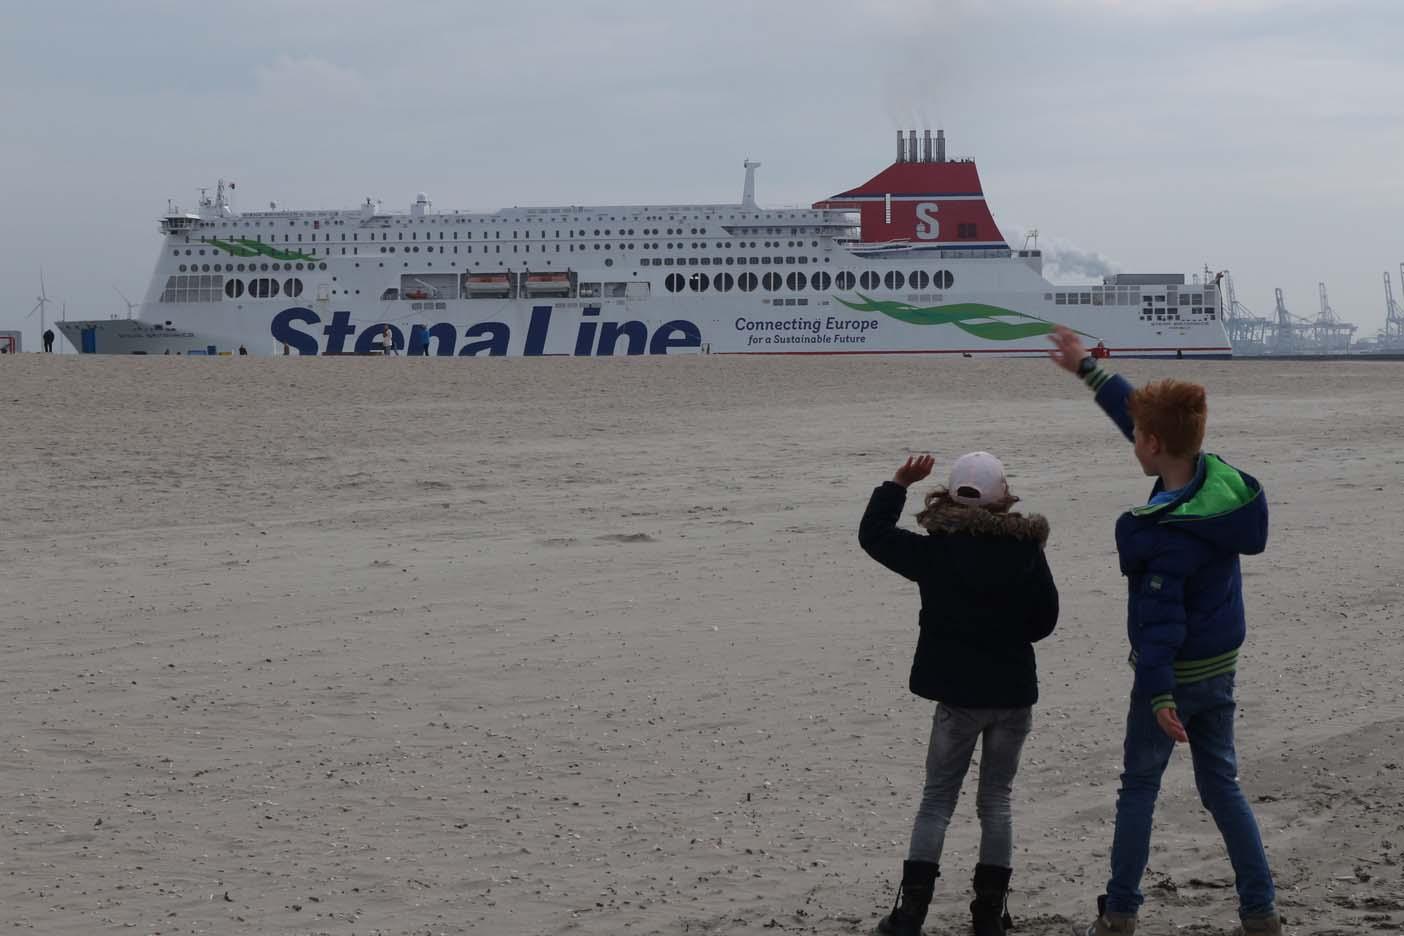 Met de boot naar engeland Stenaline